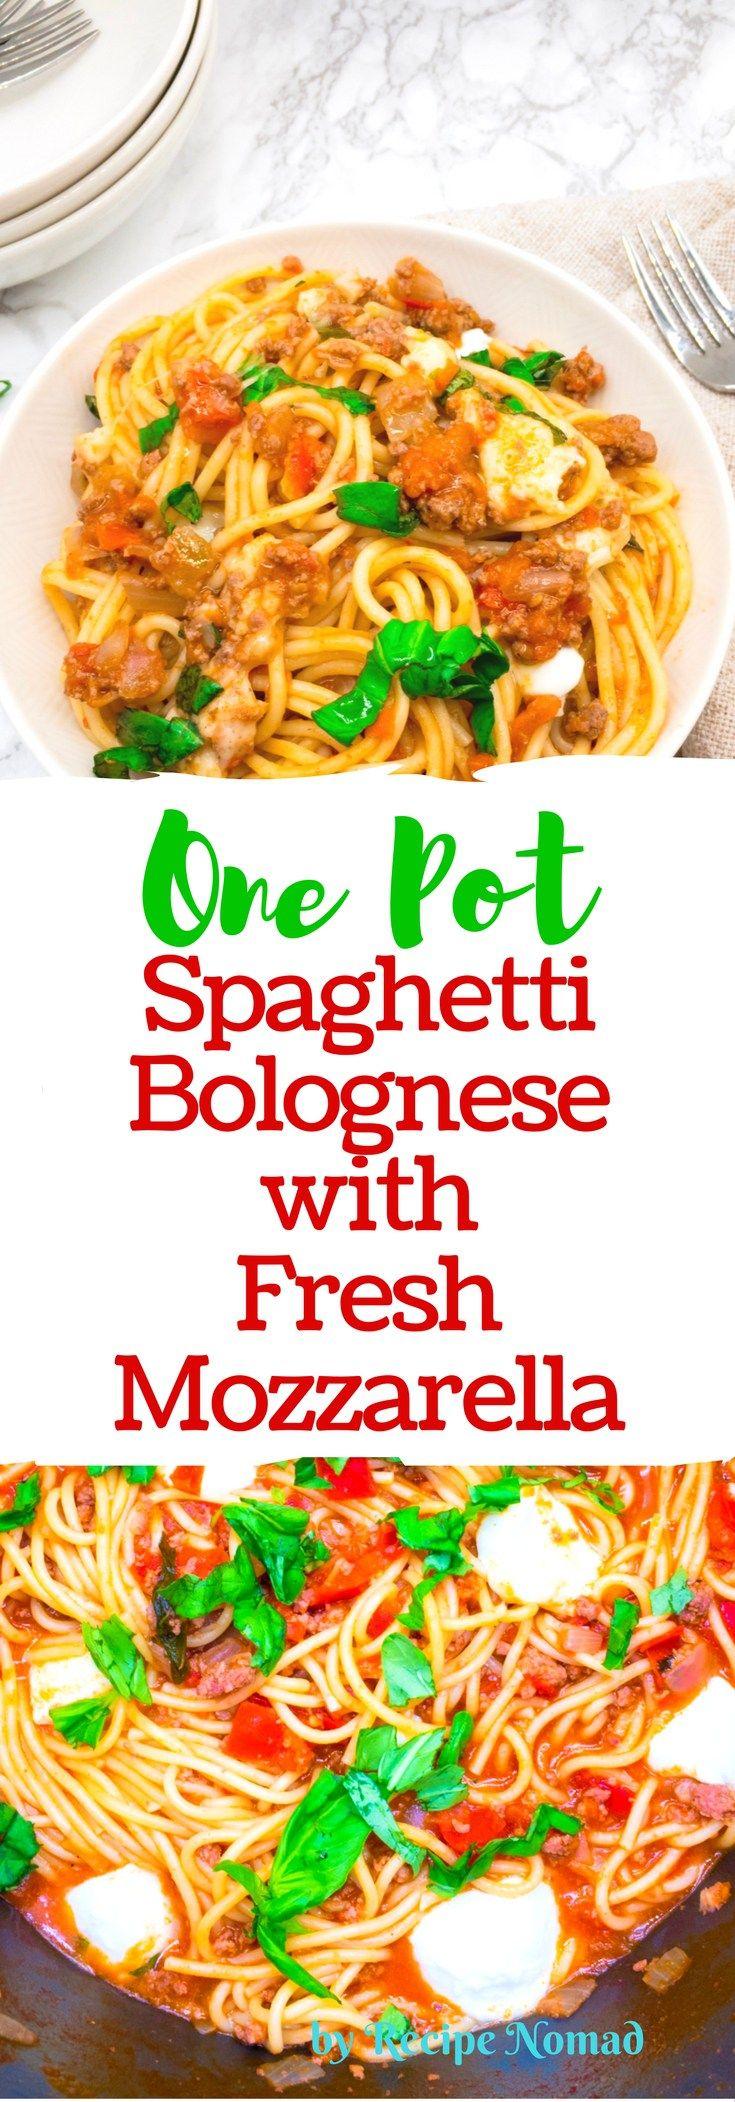 One Pot Spaghetti Bolognese with Fresh Mozzarella | Recipe Nomad  http://www.recipenomad.com/one-pot-spaghetti-bolognese-with-fresh-mozzarella/